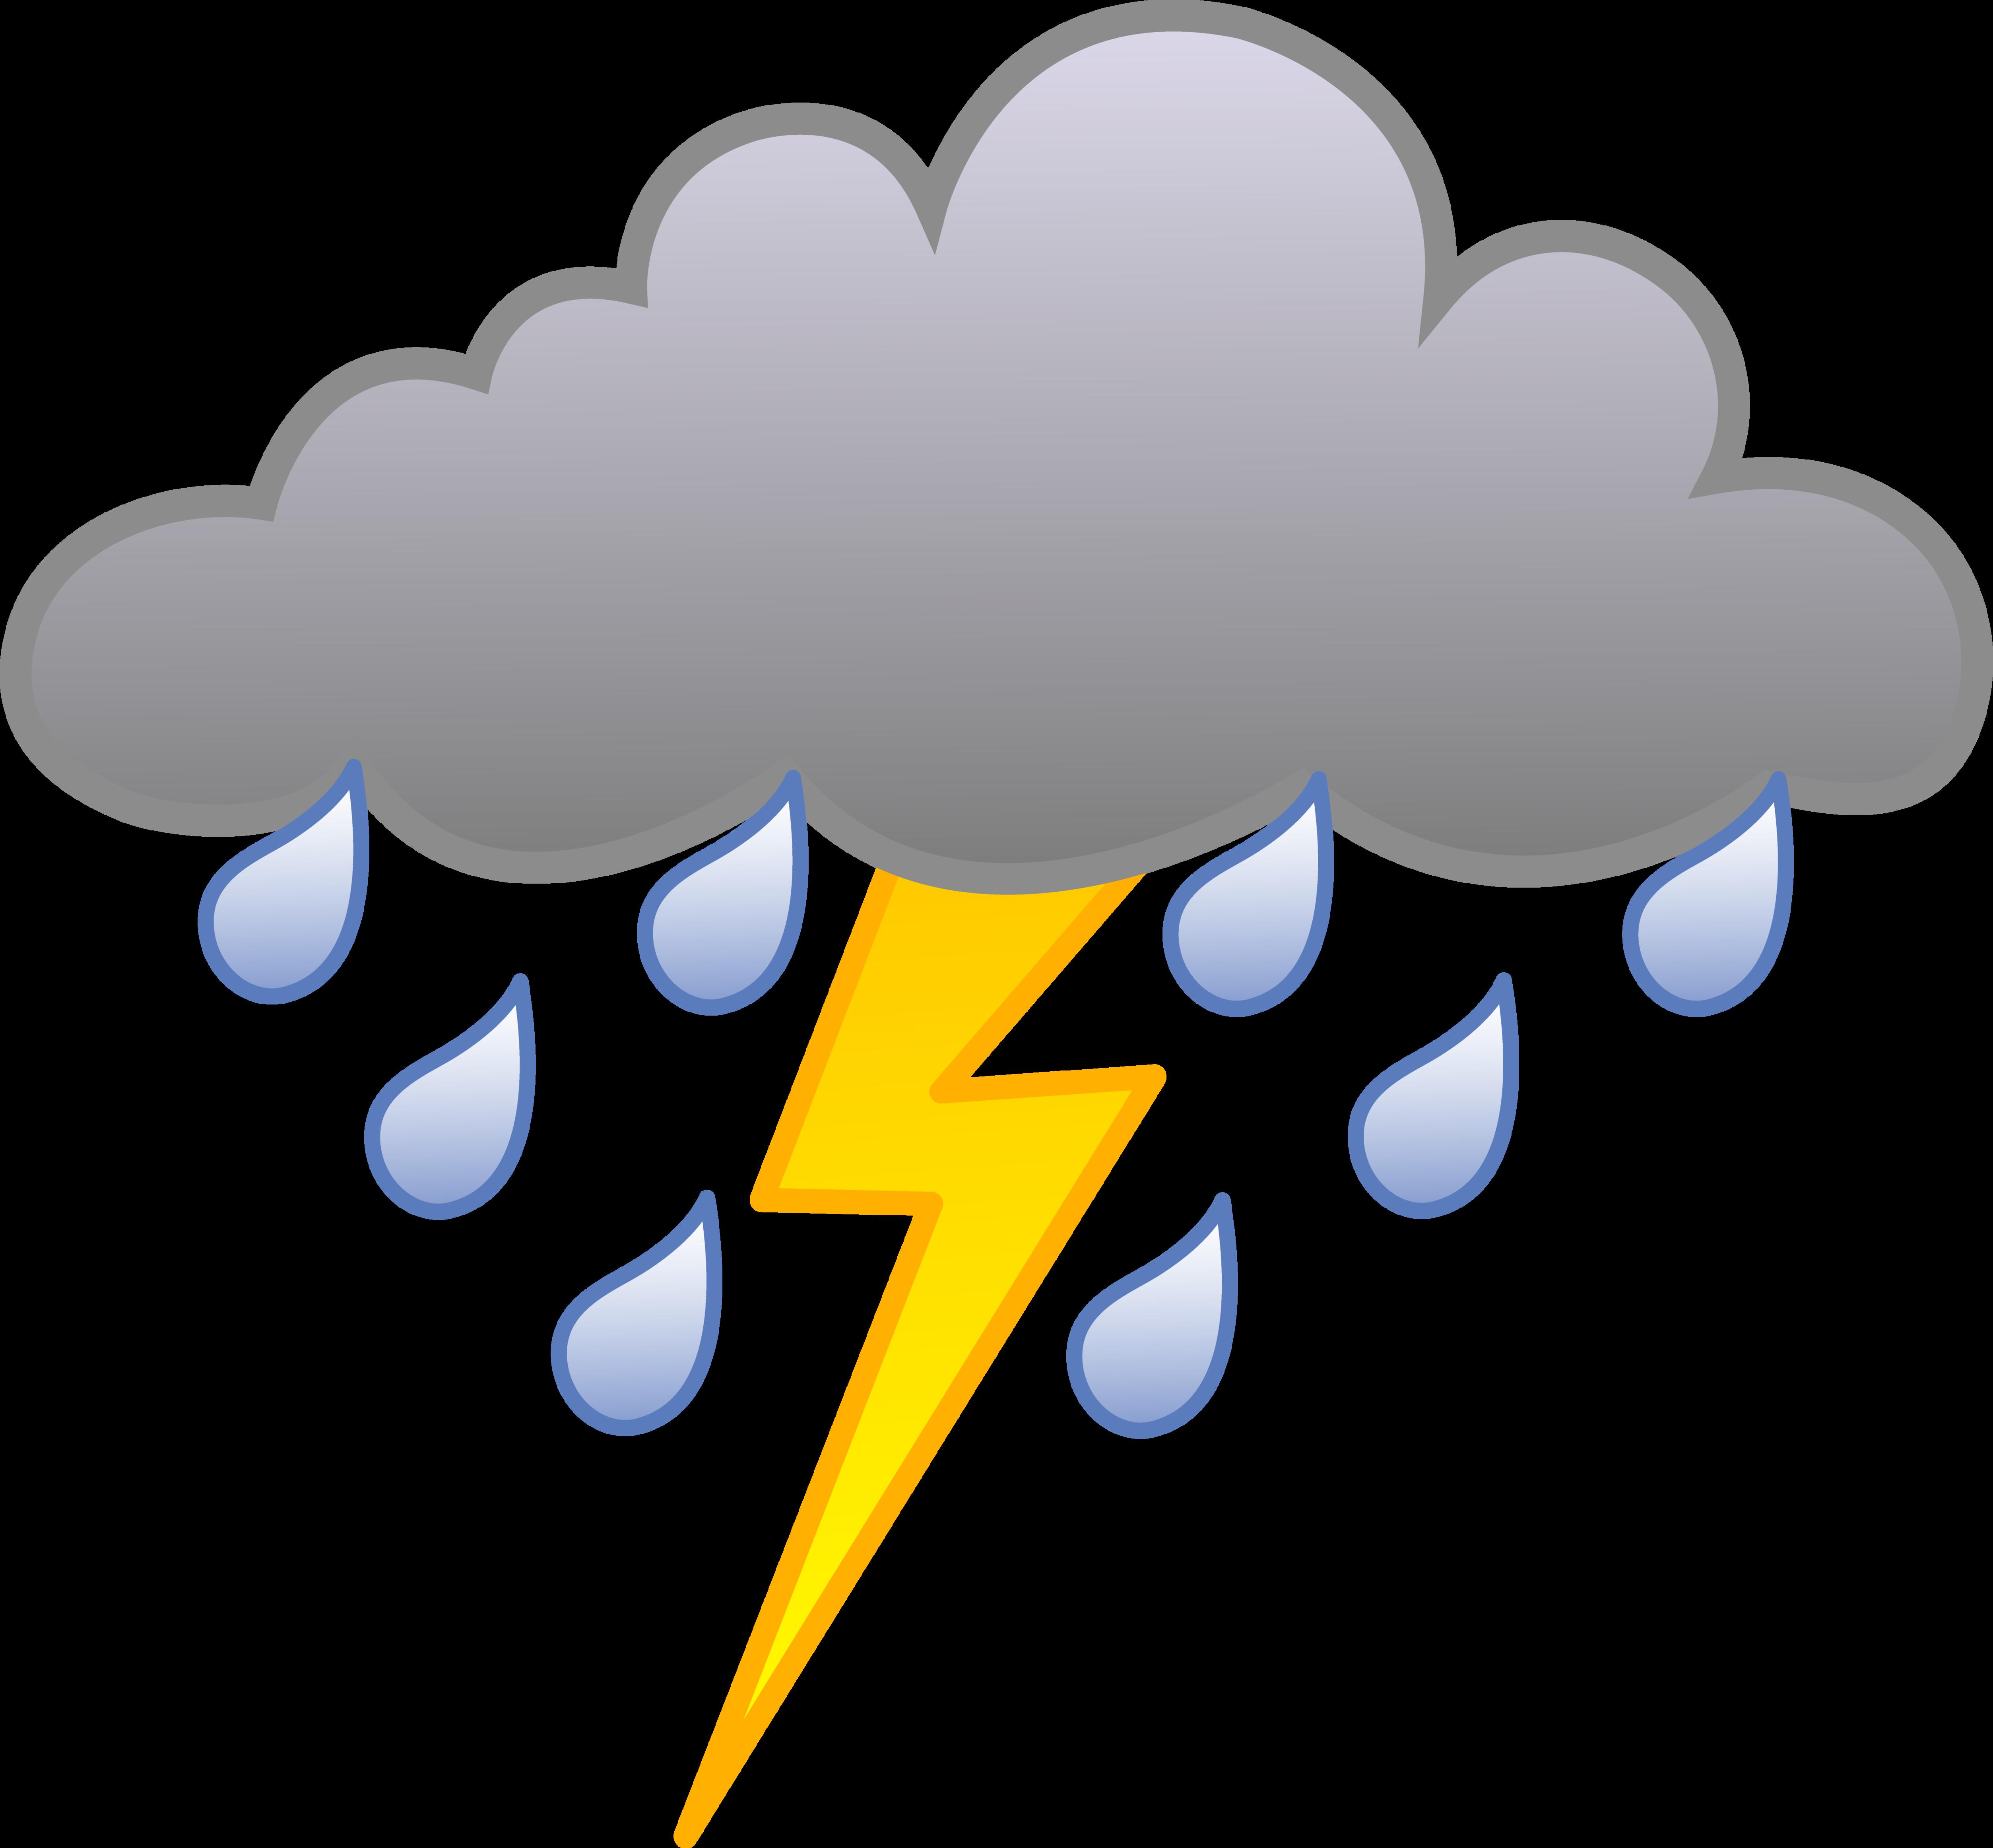 Cloud clipart rainy, Cloud rainy Transparent FREE for ...